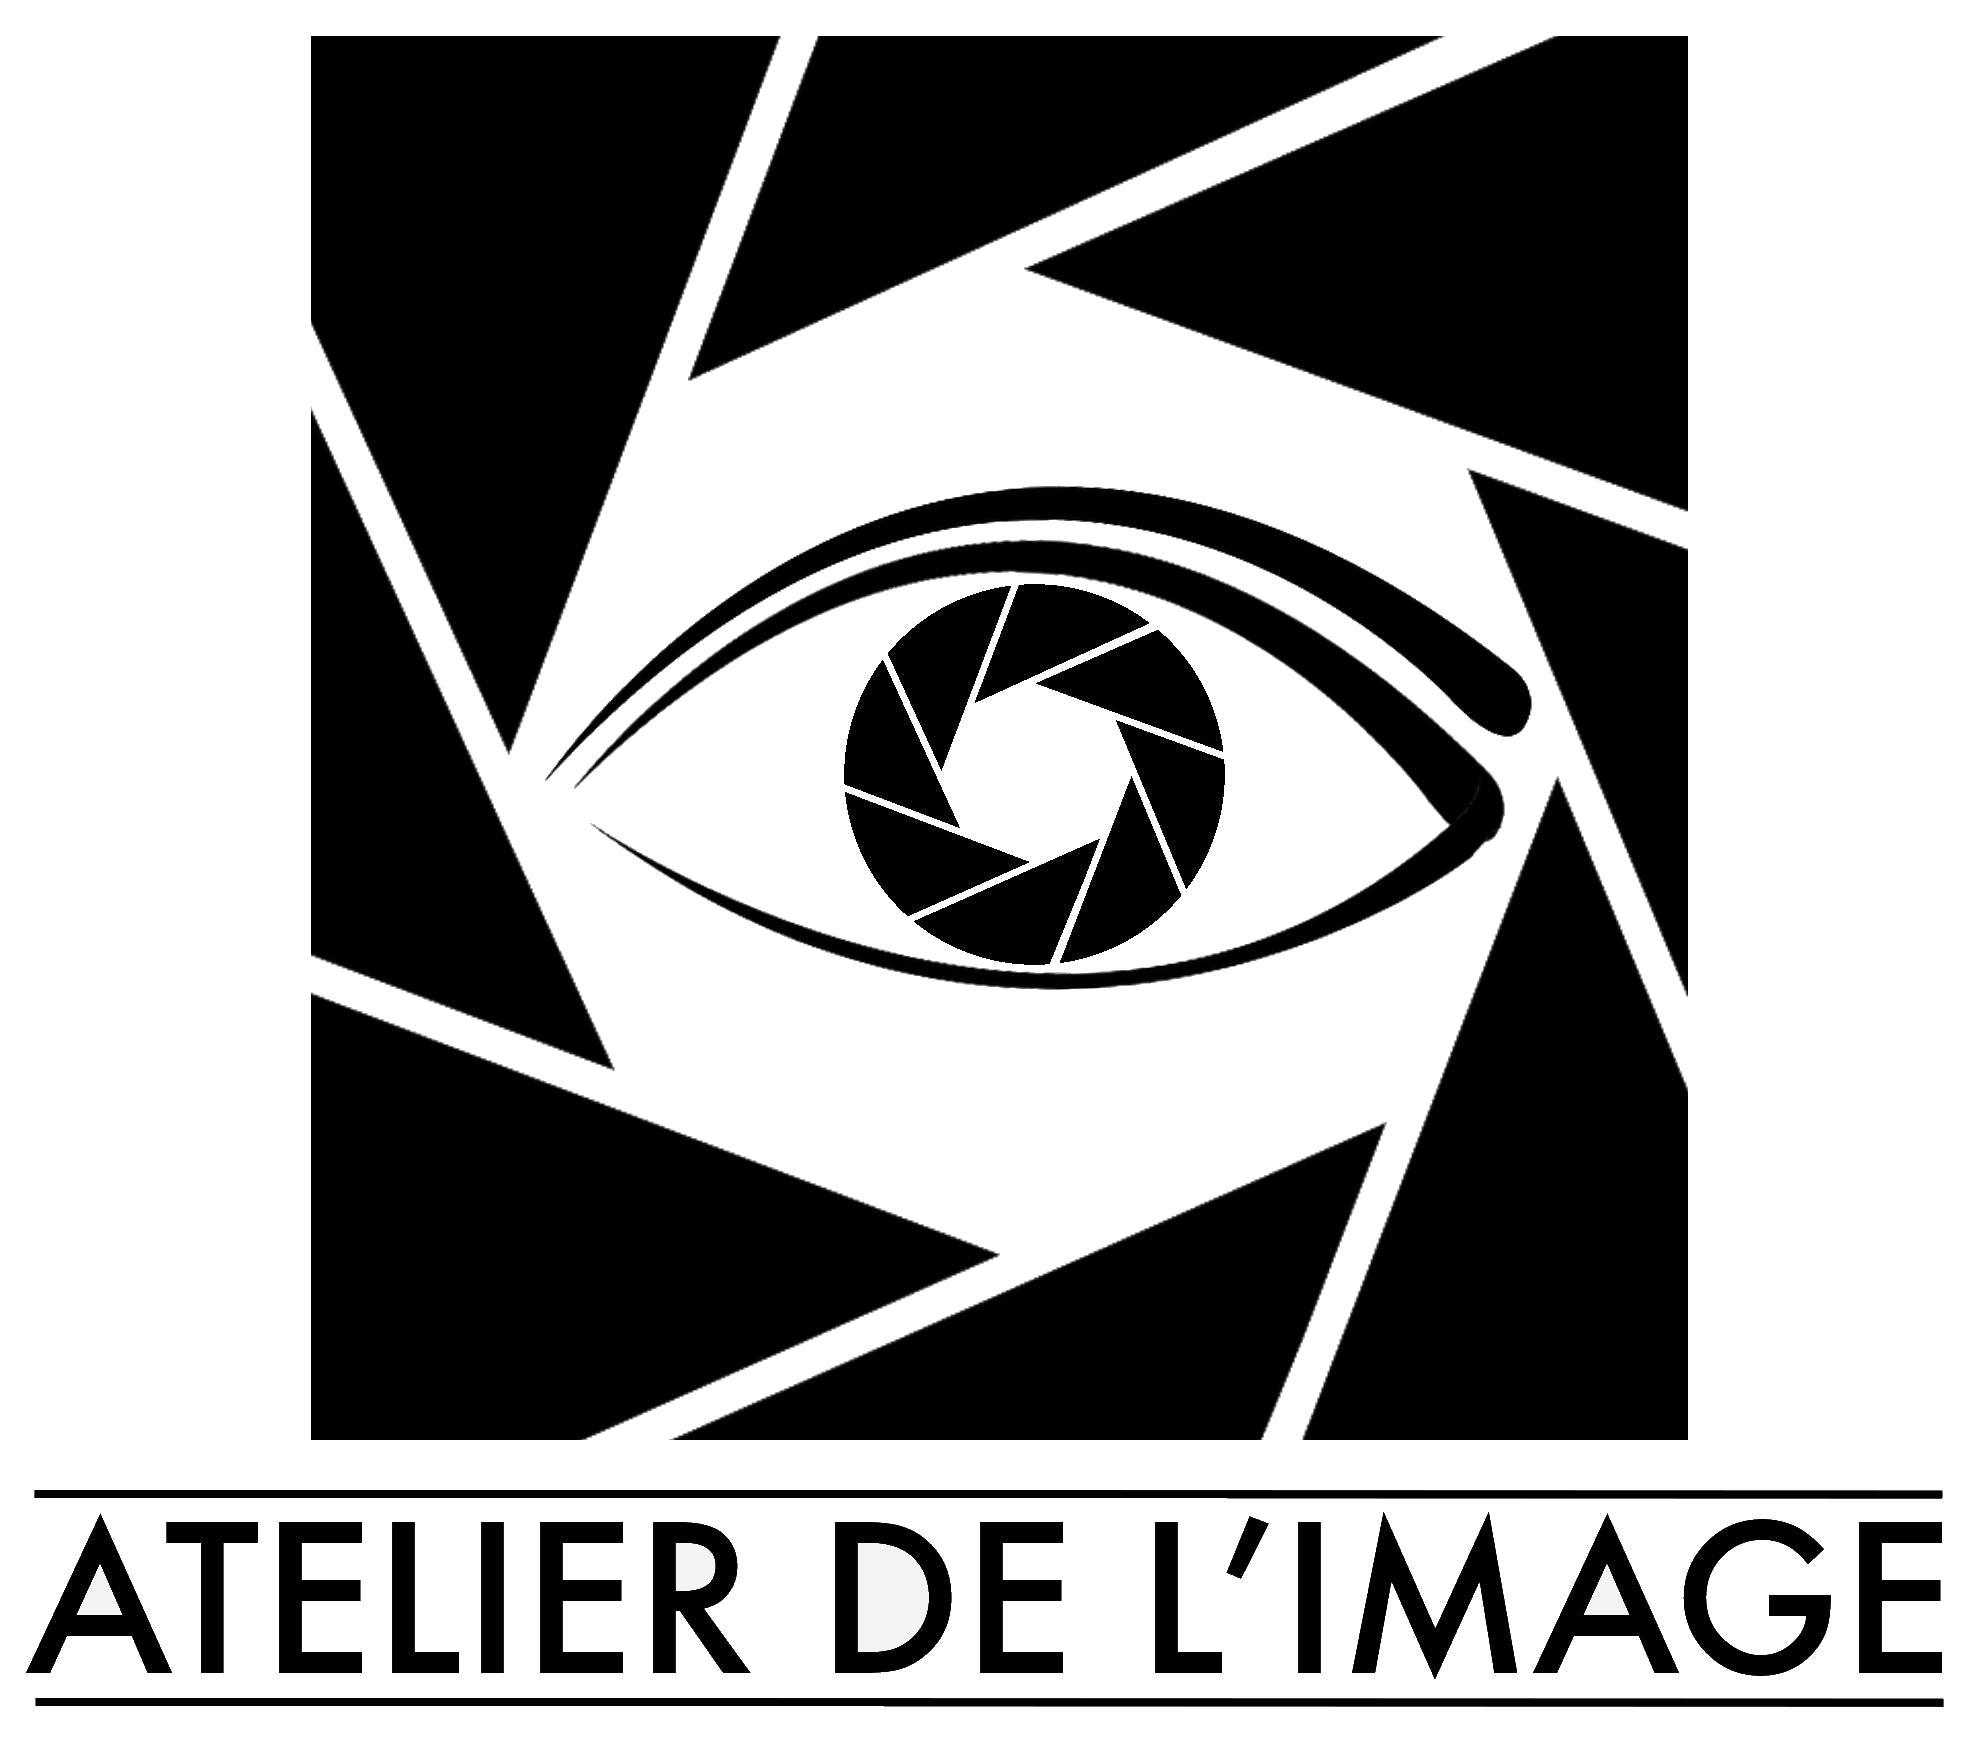 Atelier de l'image